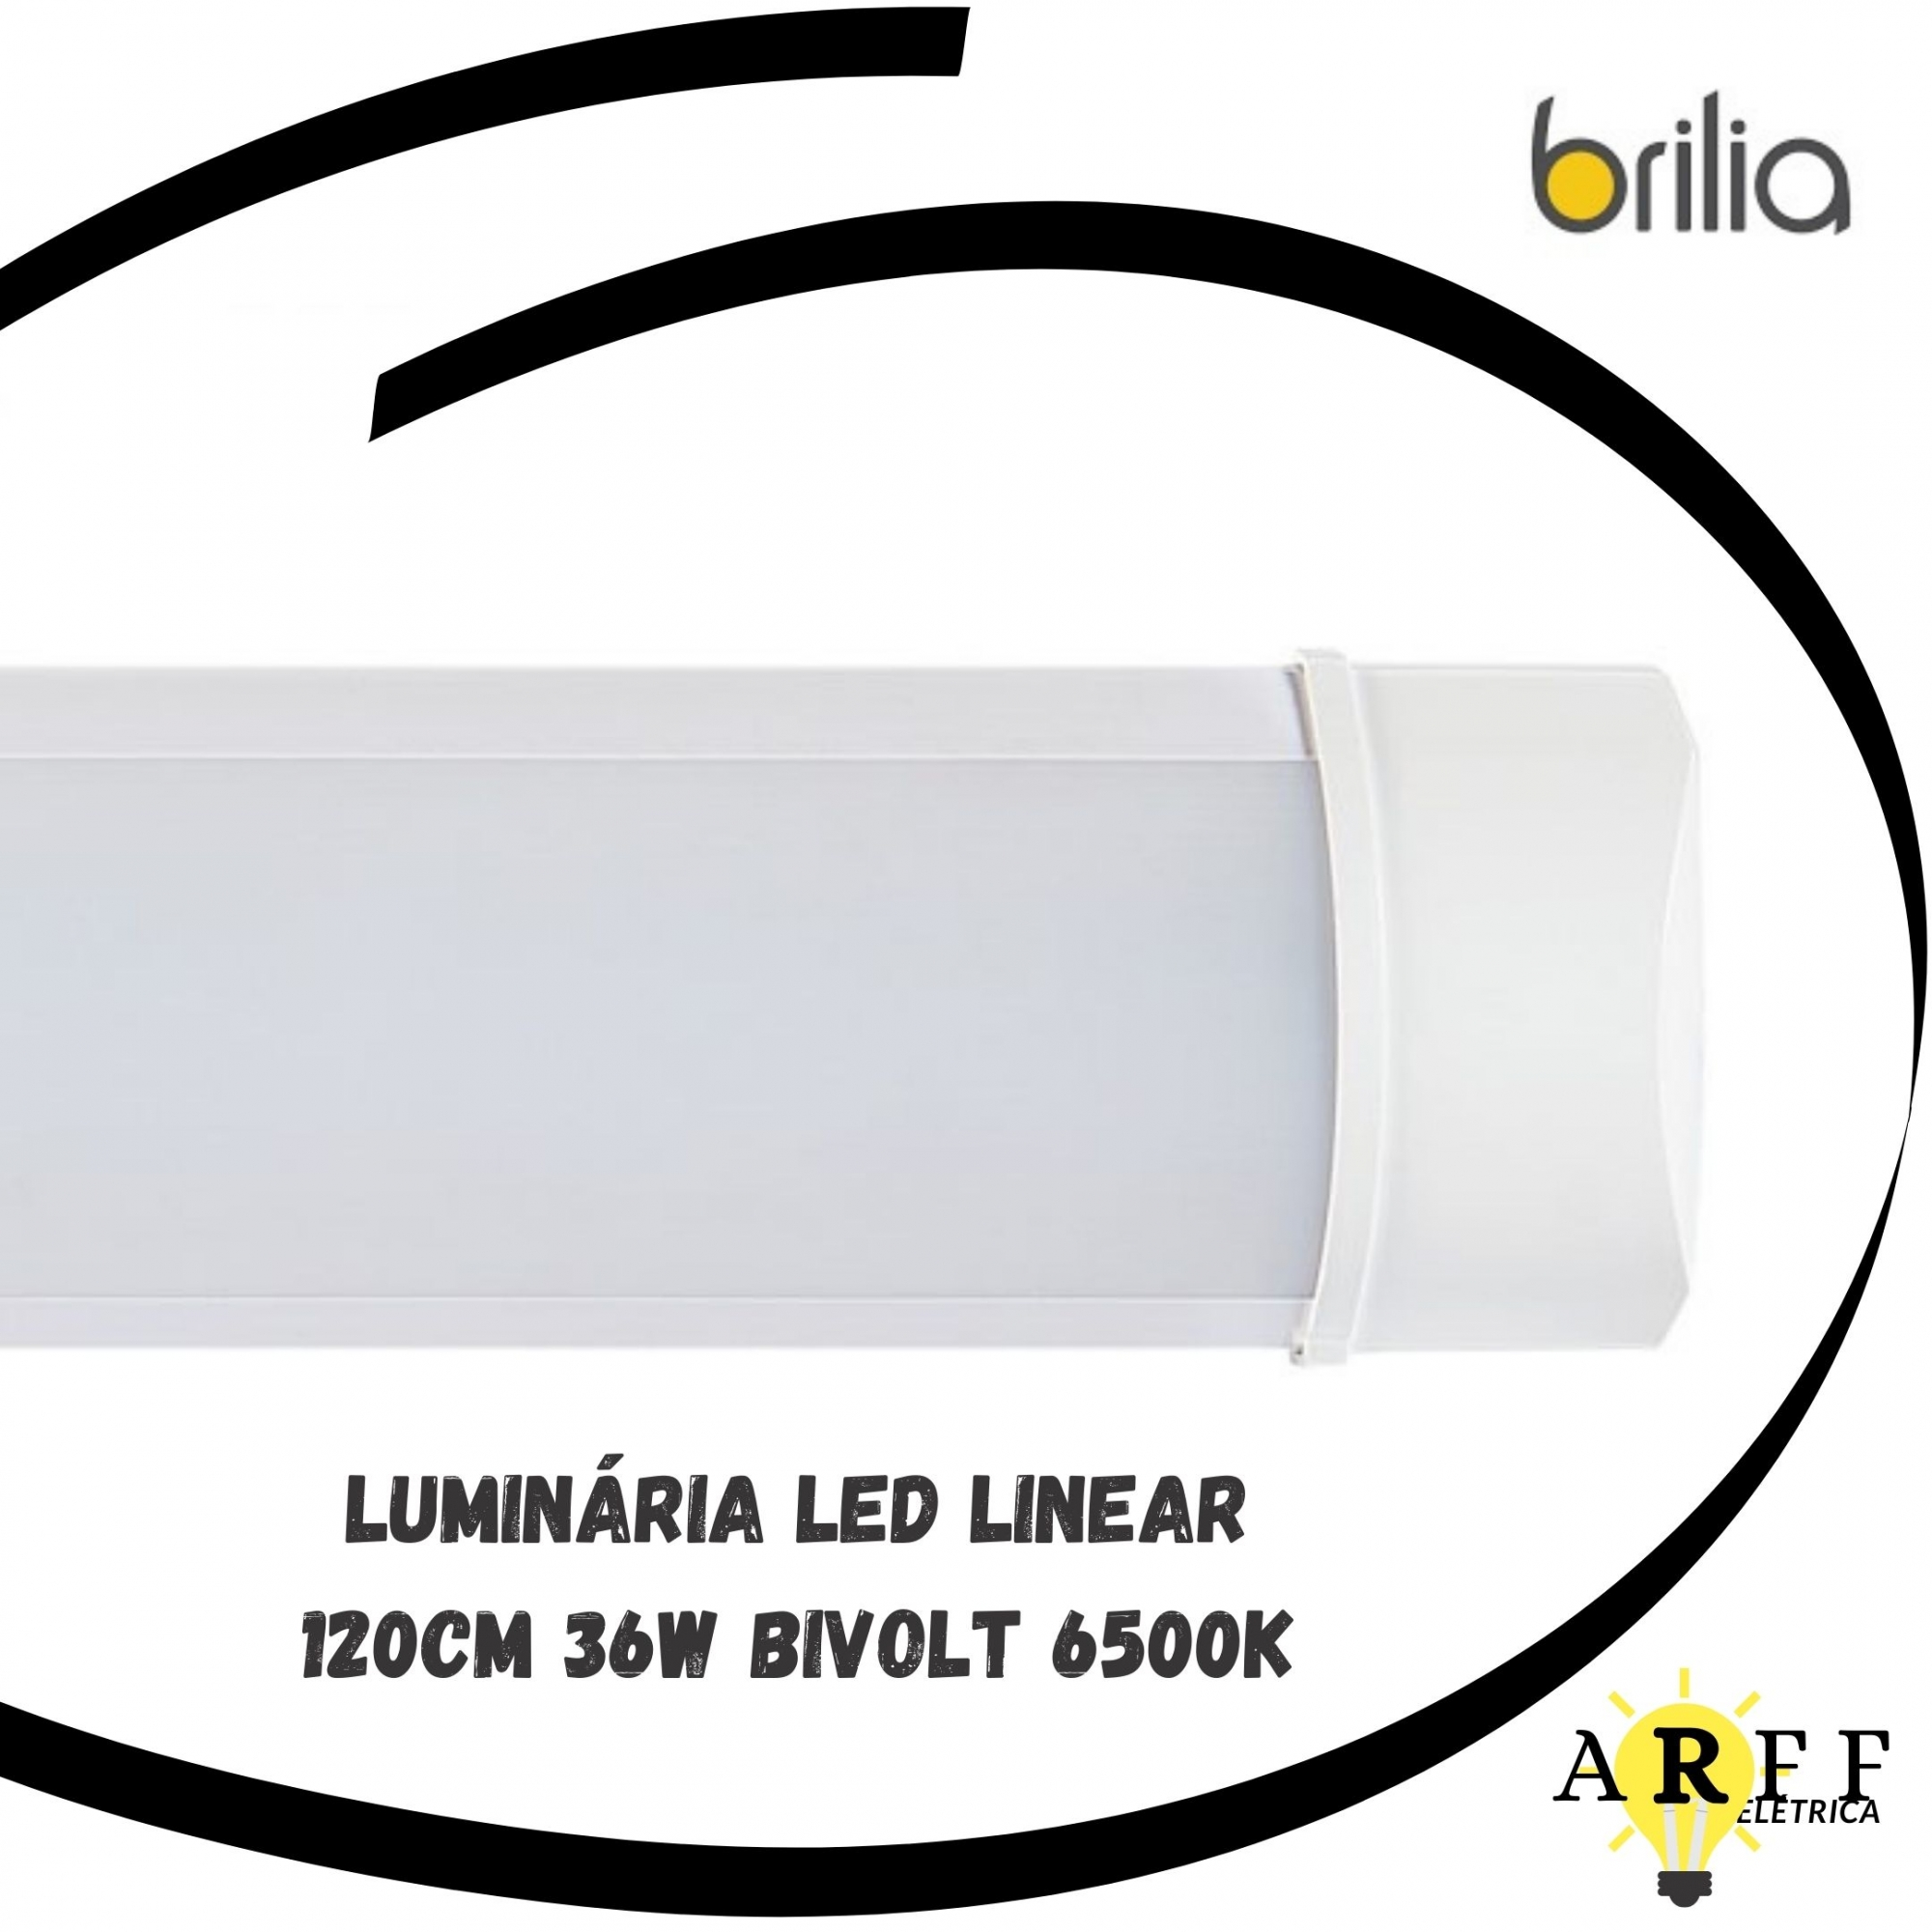 Luminária LED Linear 120cm 36W Bivolt 6500k Brilia